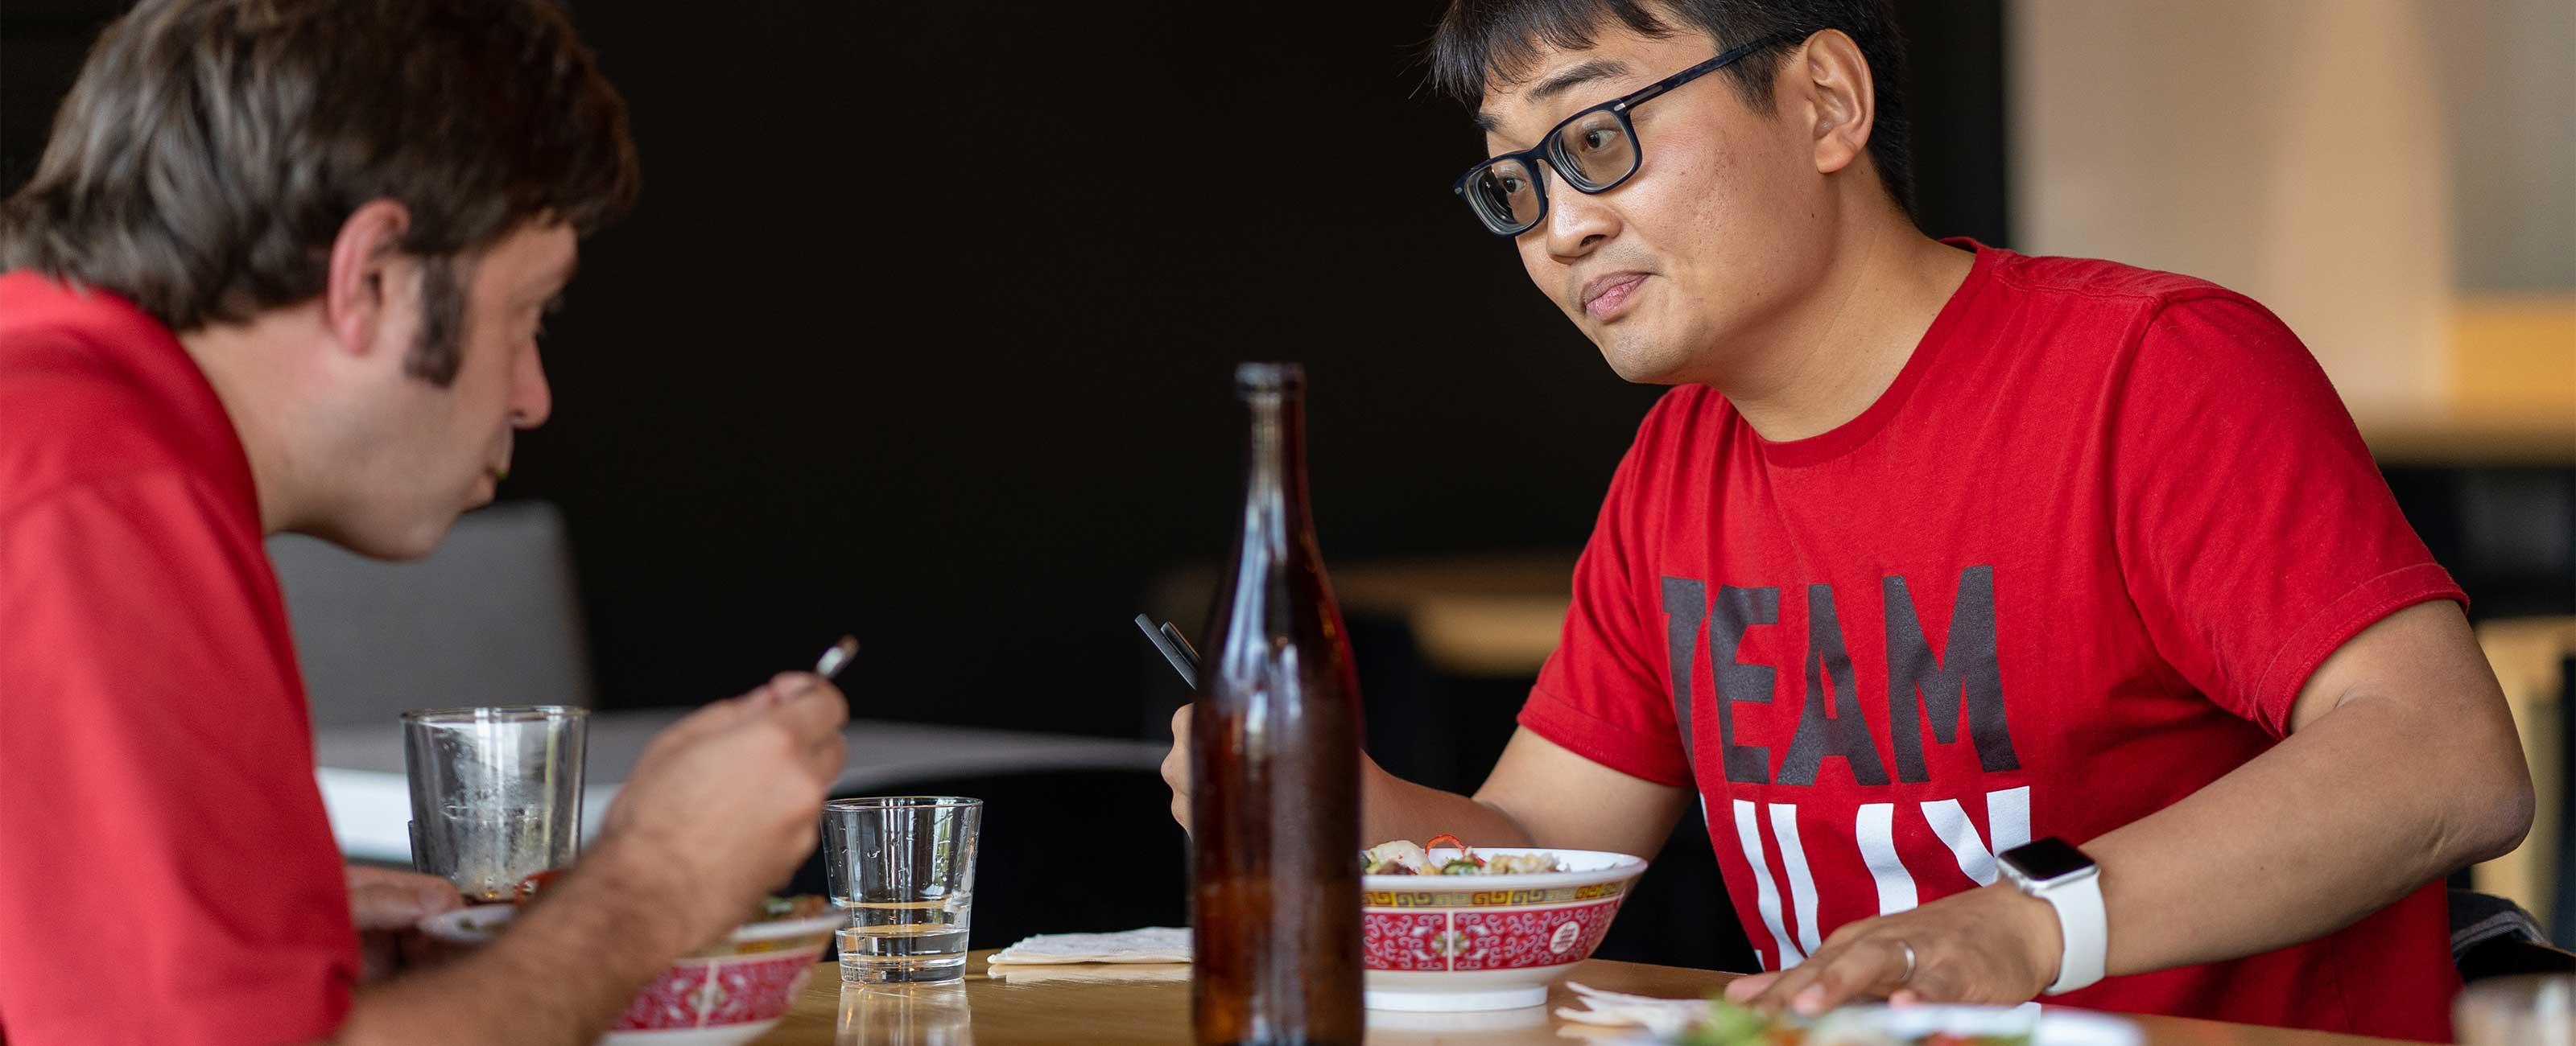 x嵌入故事元时吃午餐